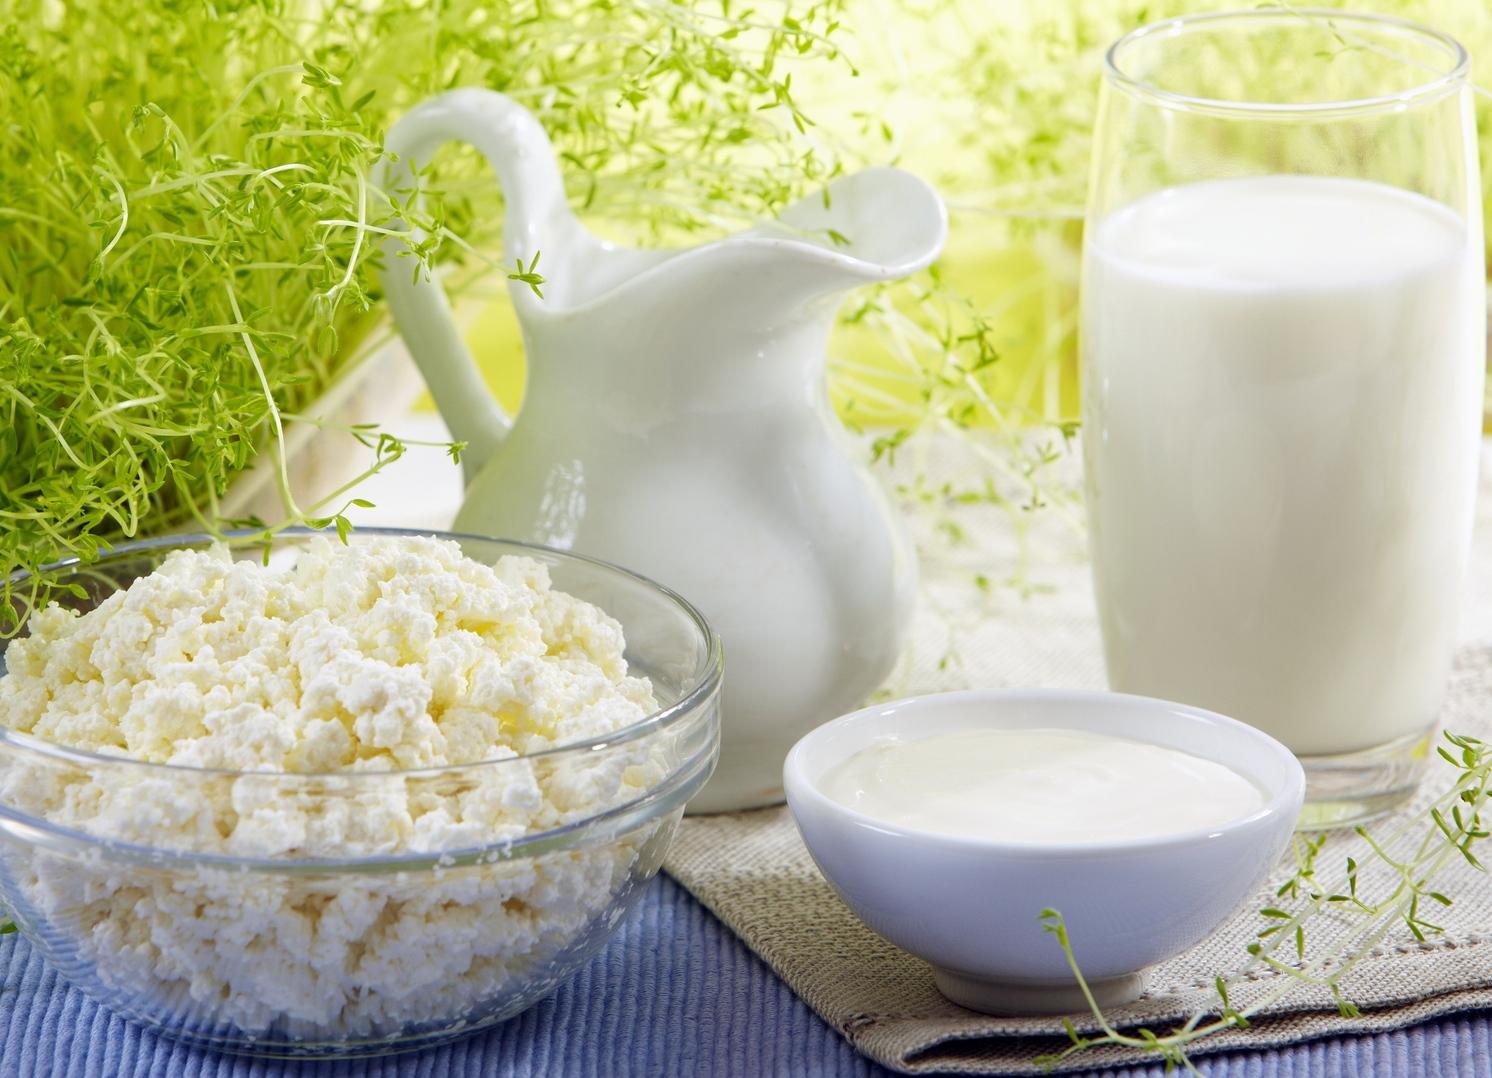 Какой кисломолочный продукт самый полезный? Сказ о лучших